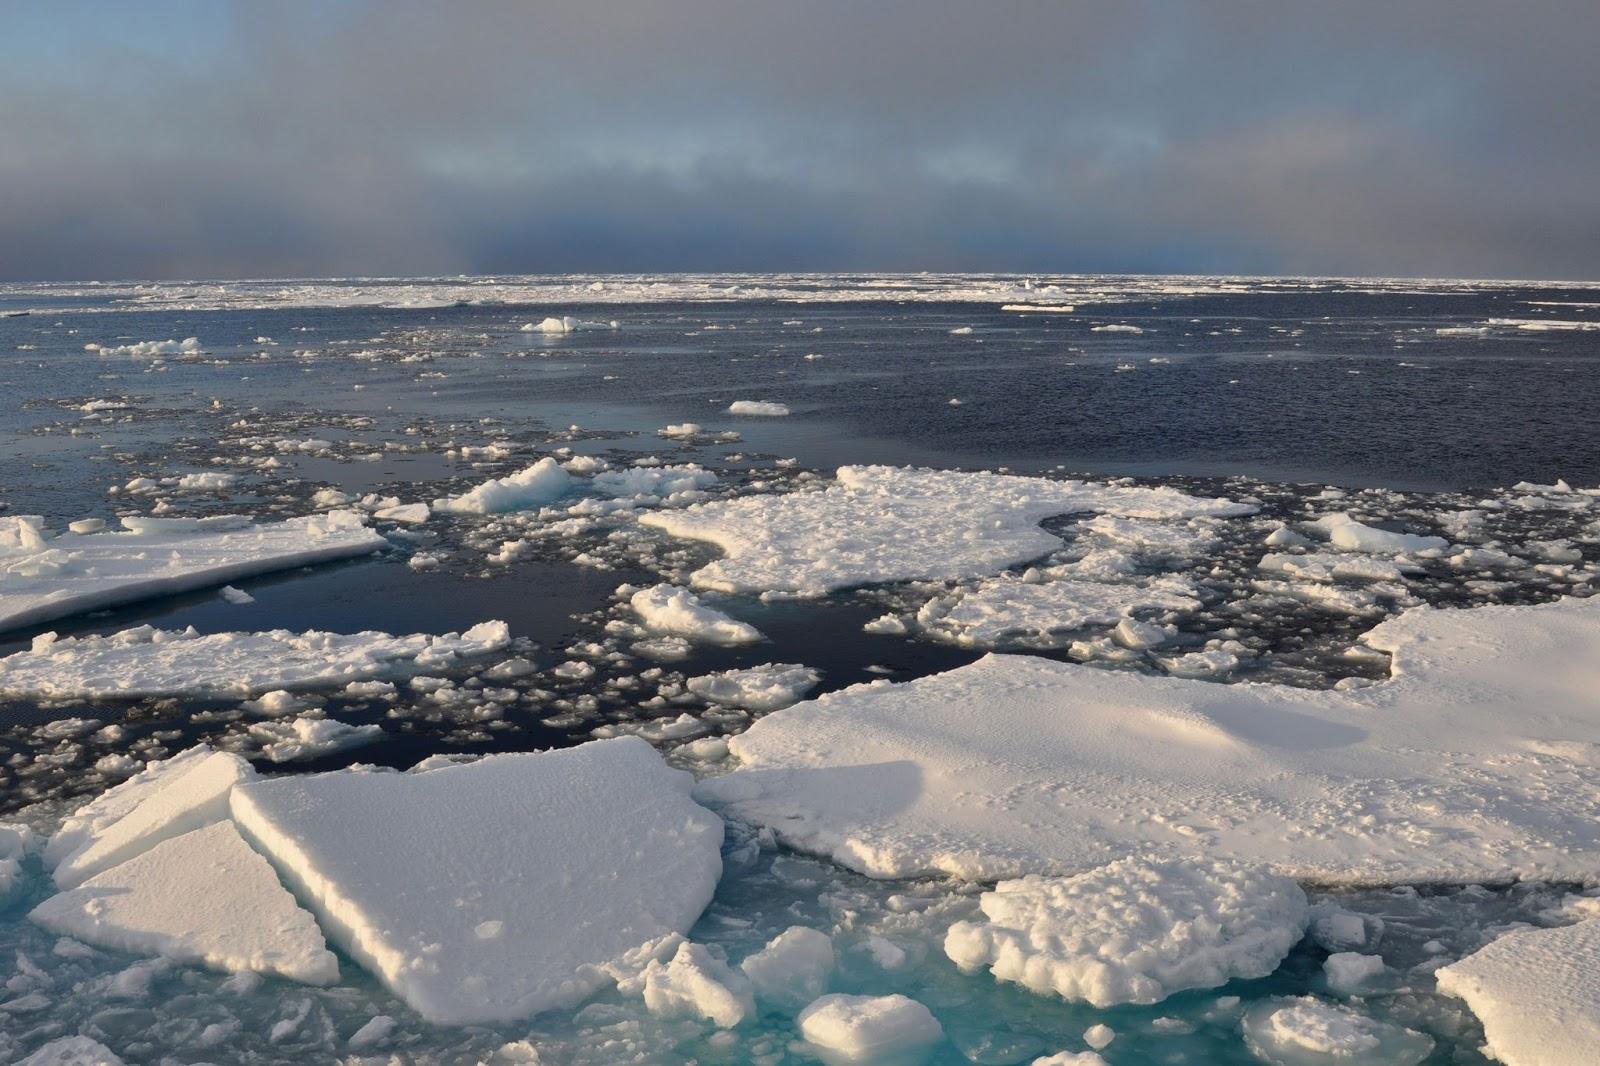 Arctic sea ice breakup